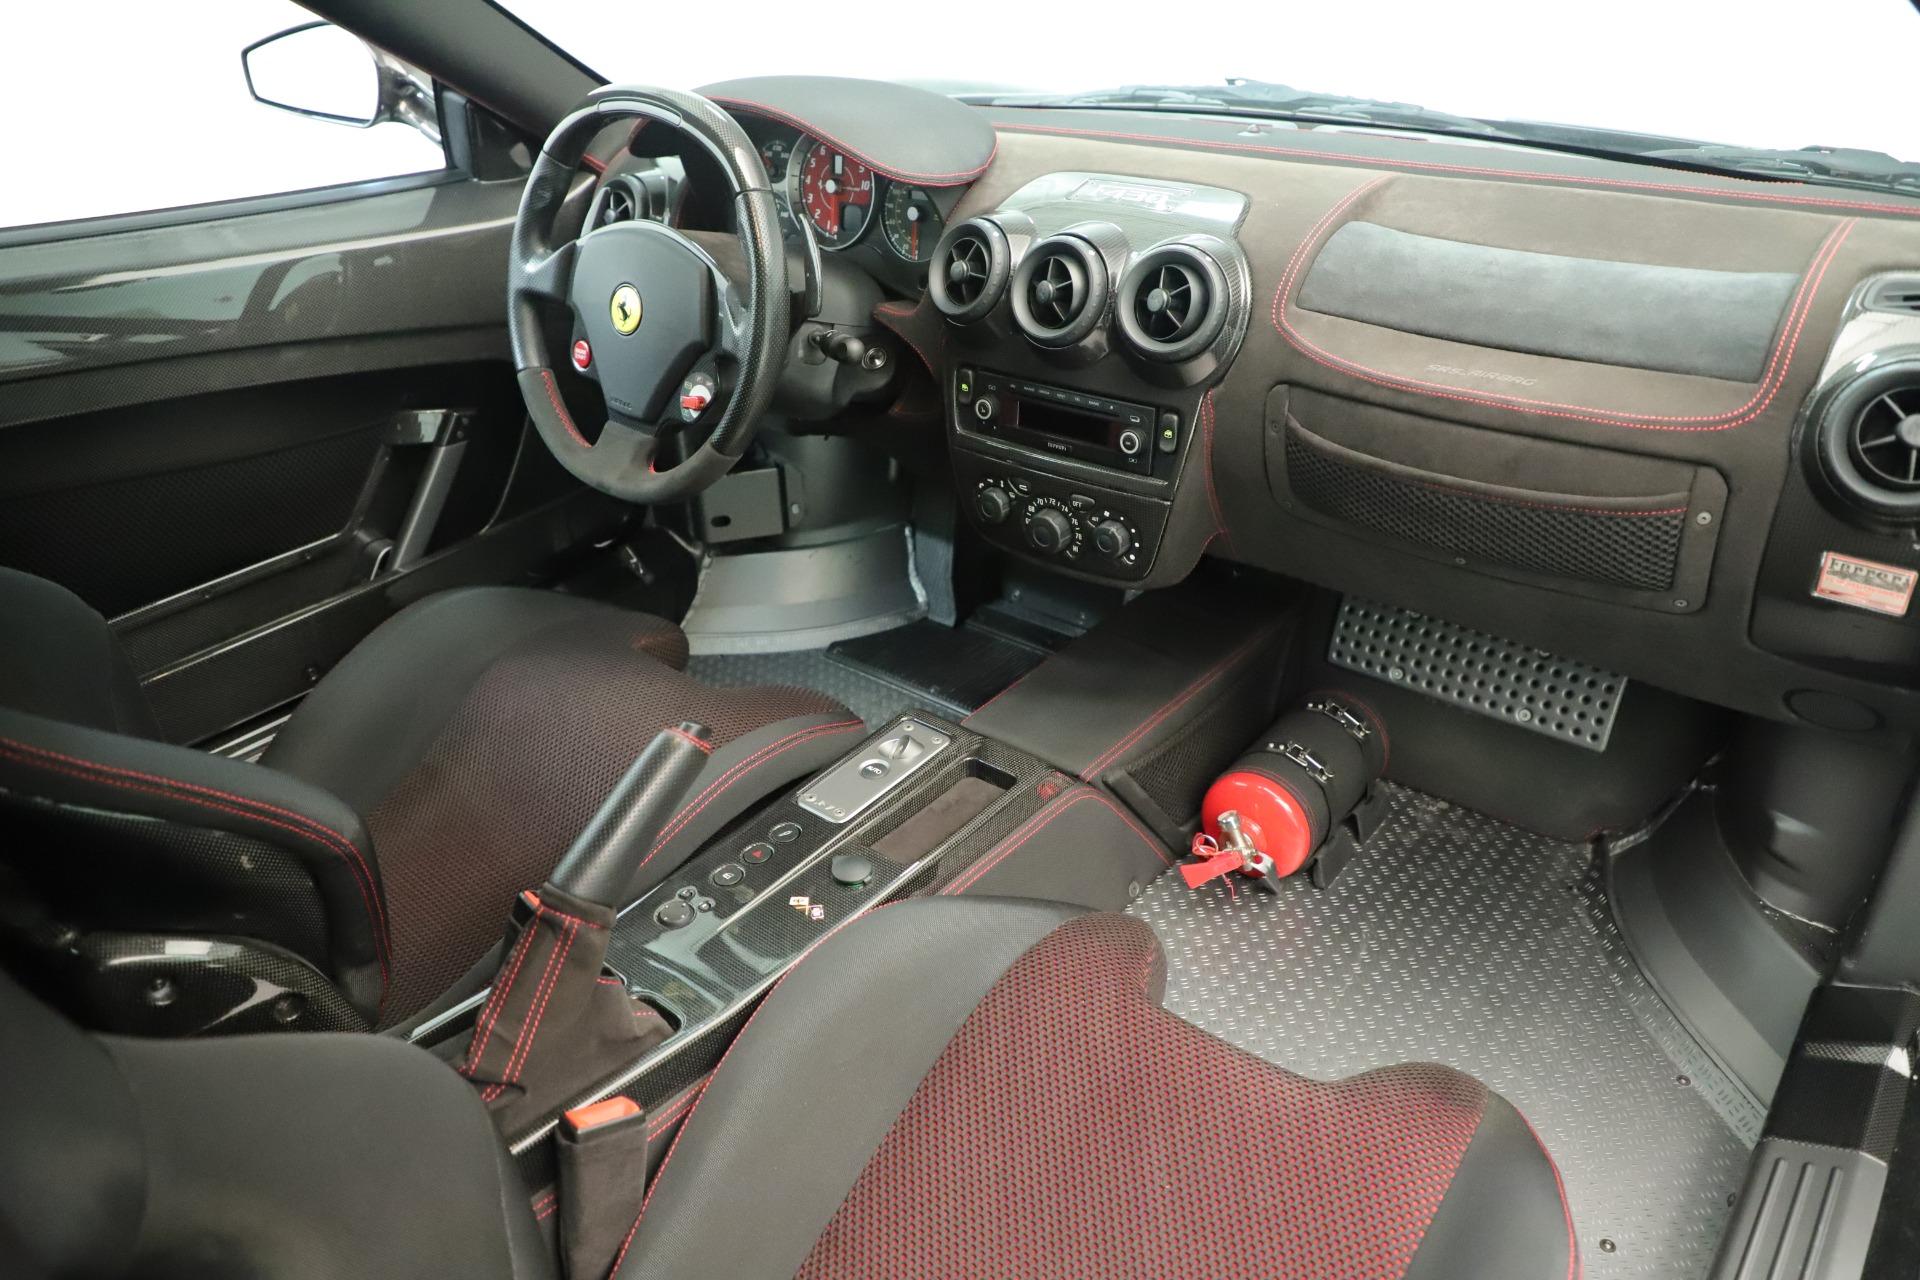 Used 2008 Ferrari 430 Scuderia For Sale In Greenwich, CT 3500_p17